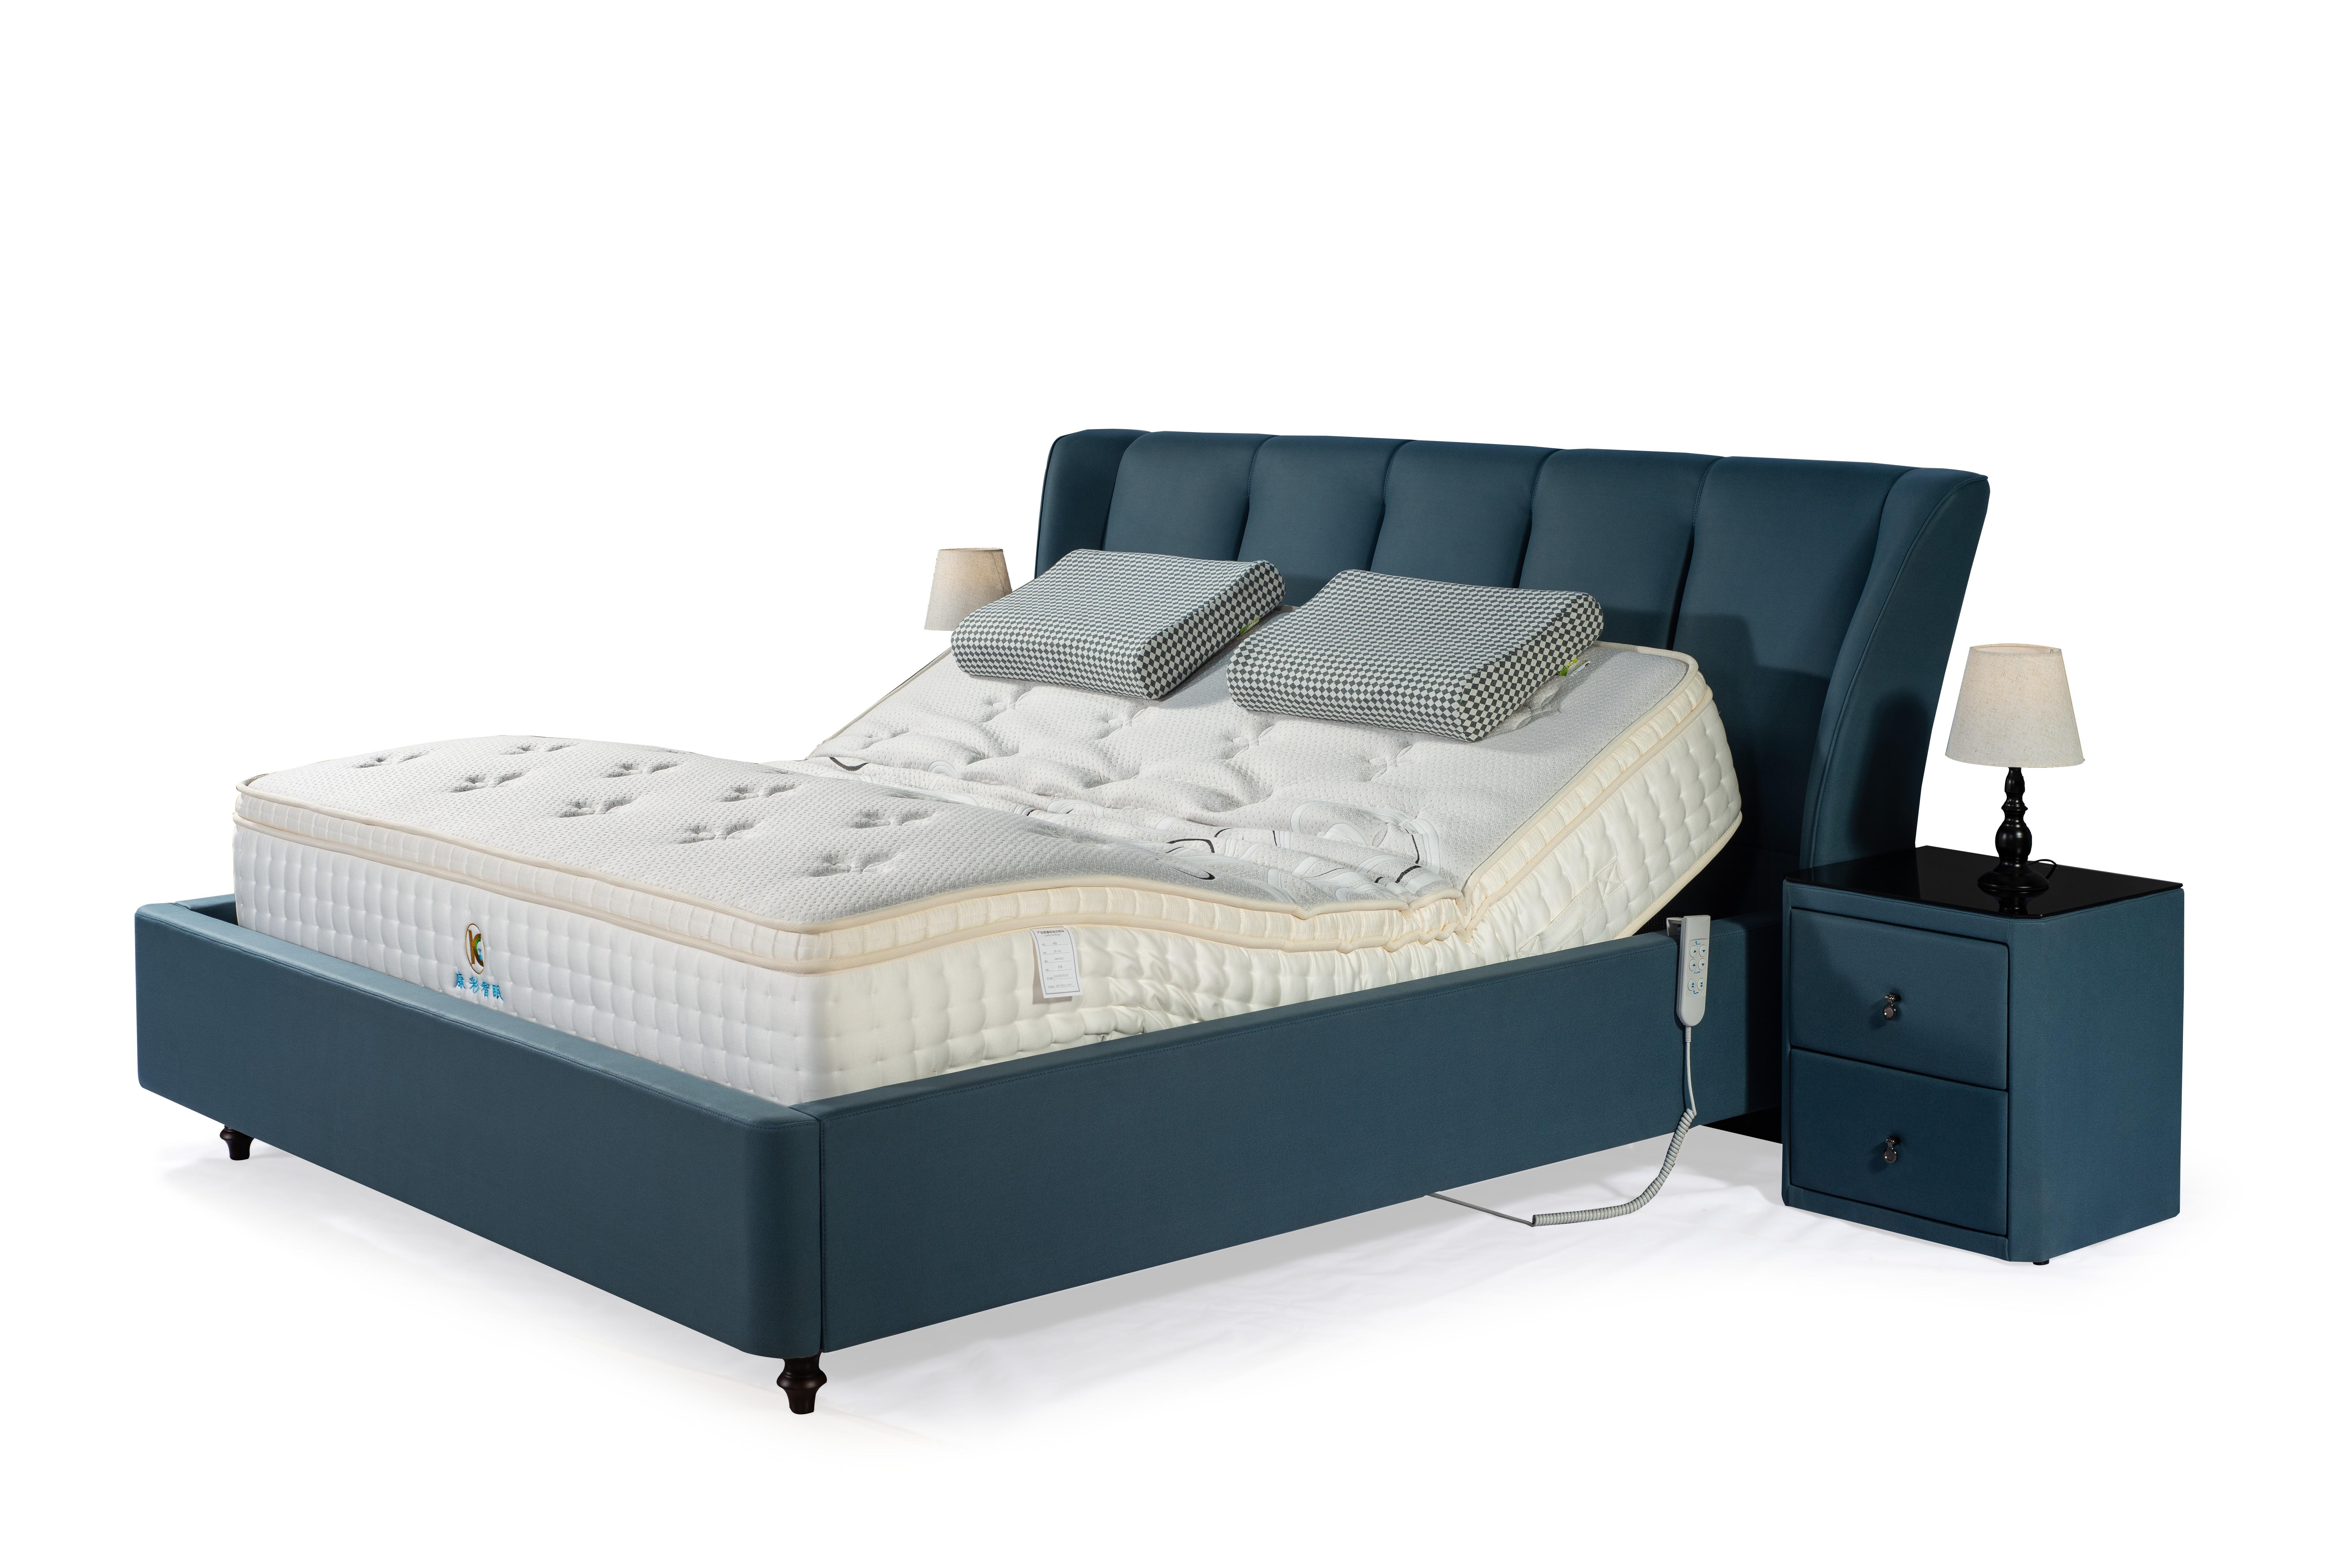 智能家居 智能电动床给您生活带来的舒适便利